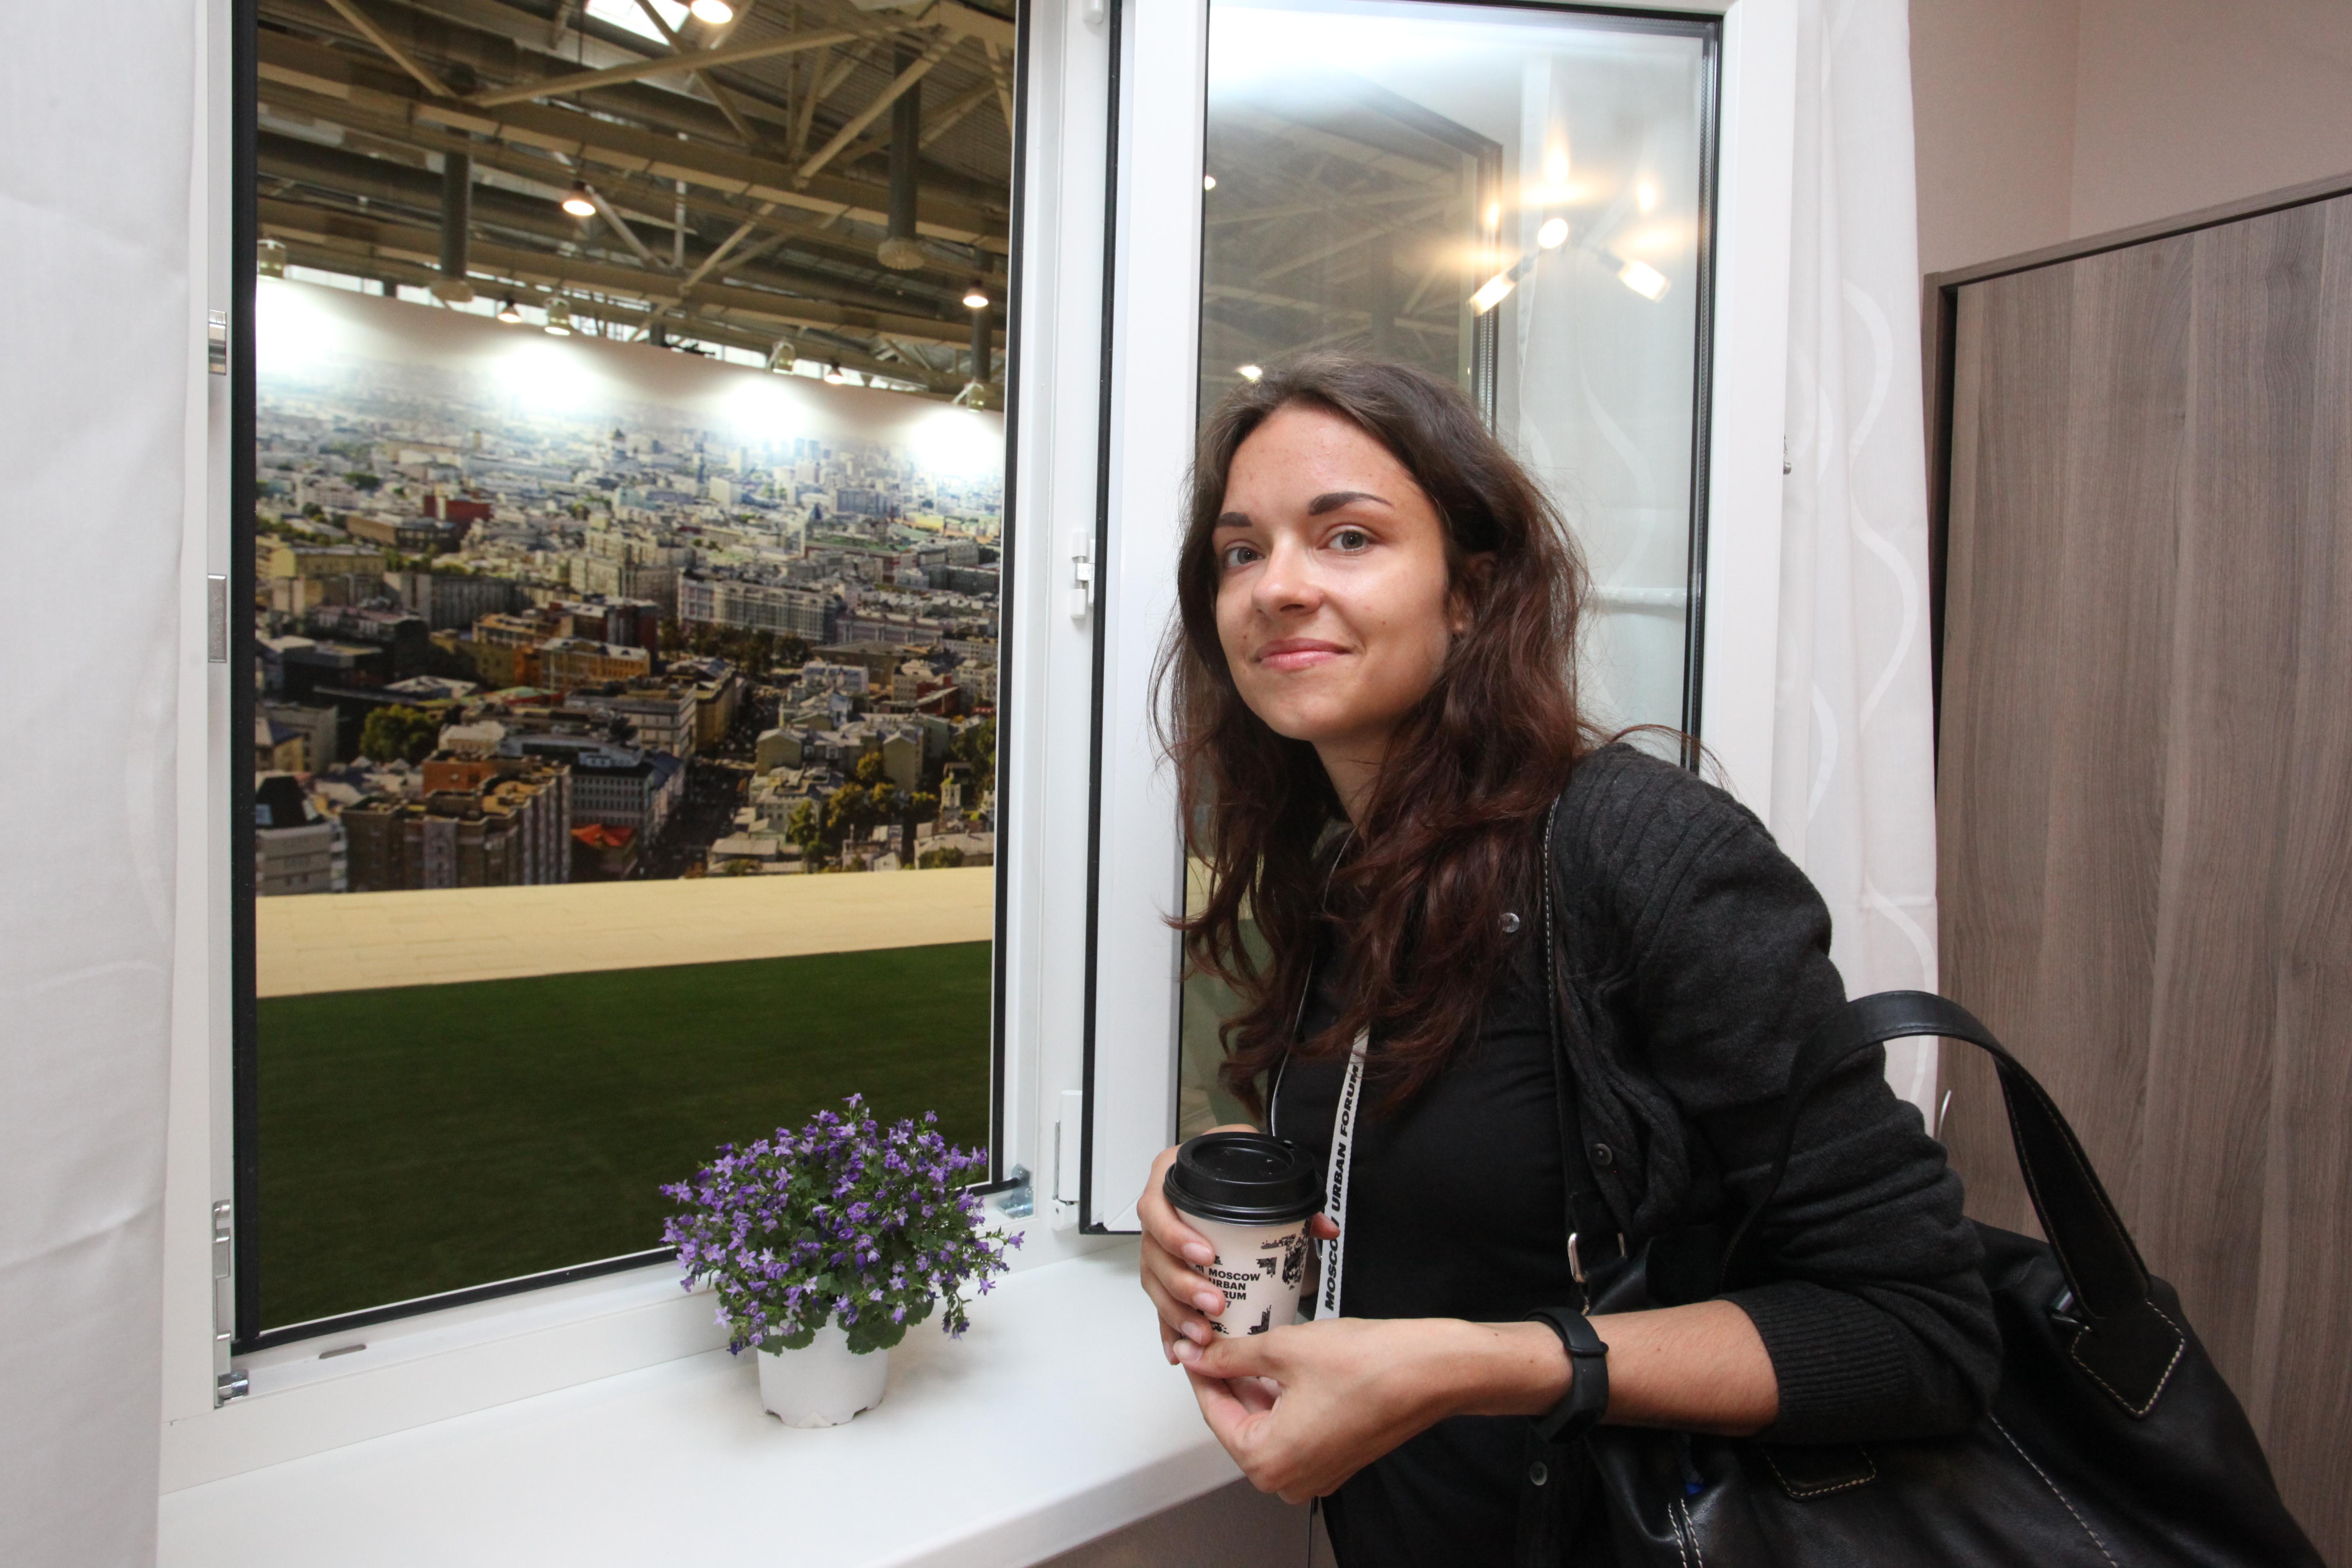 Шоу-рум реновационного жилья на Московском урбанистическом форуме